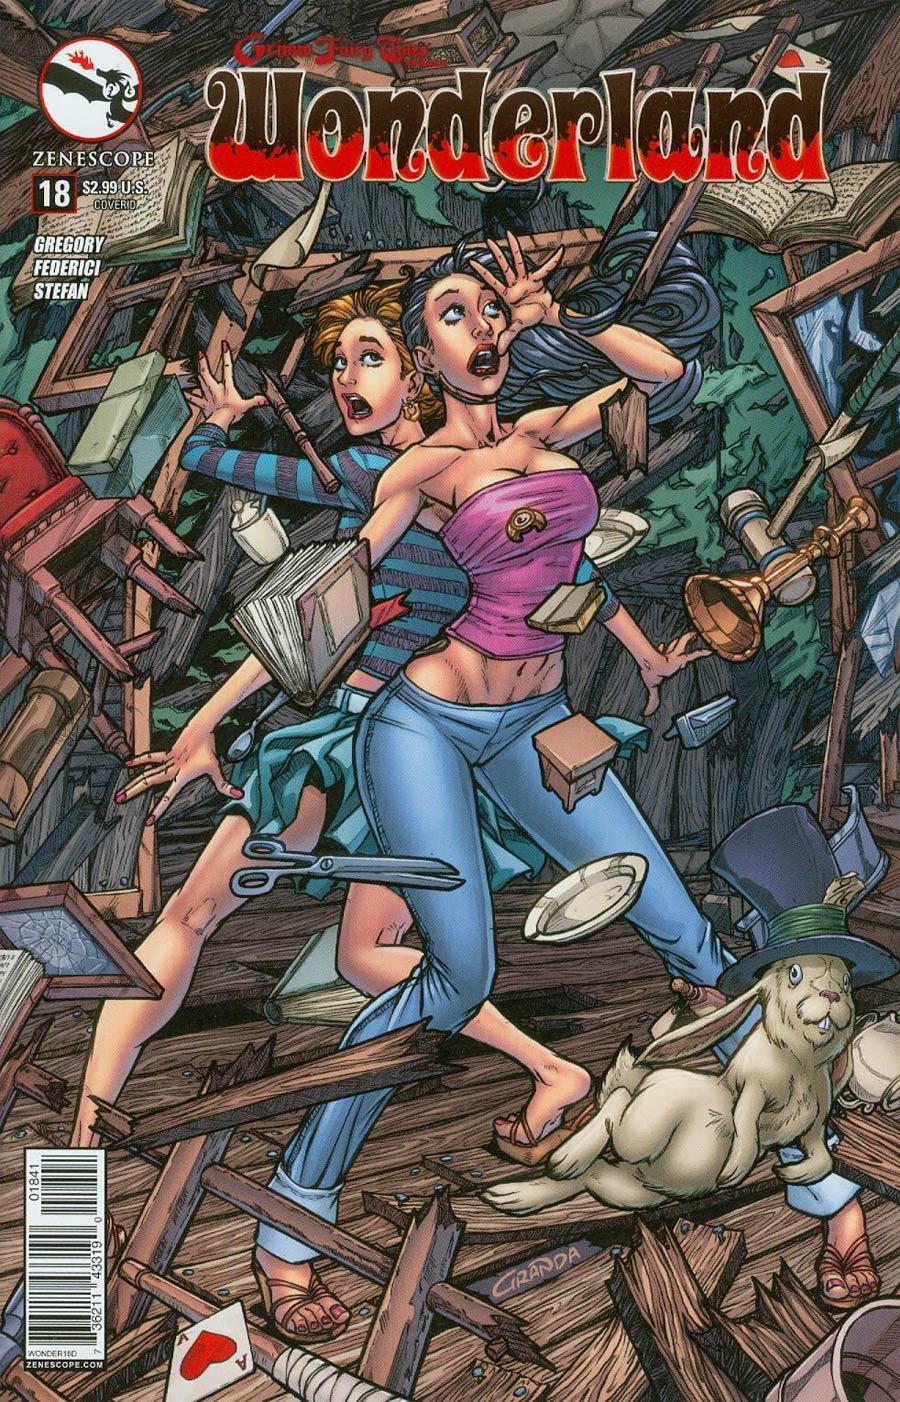 Grimm Fairy Tales Presents Wonderland Vol 2 #18 Cover D Carlos Granda